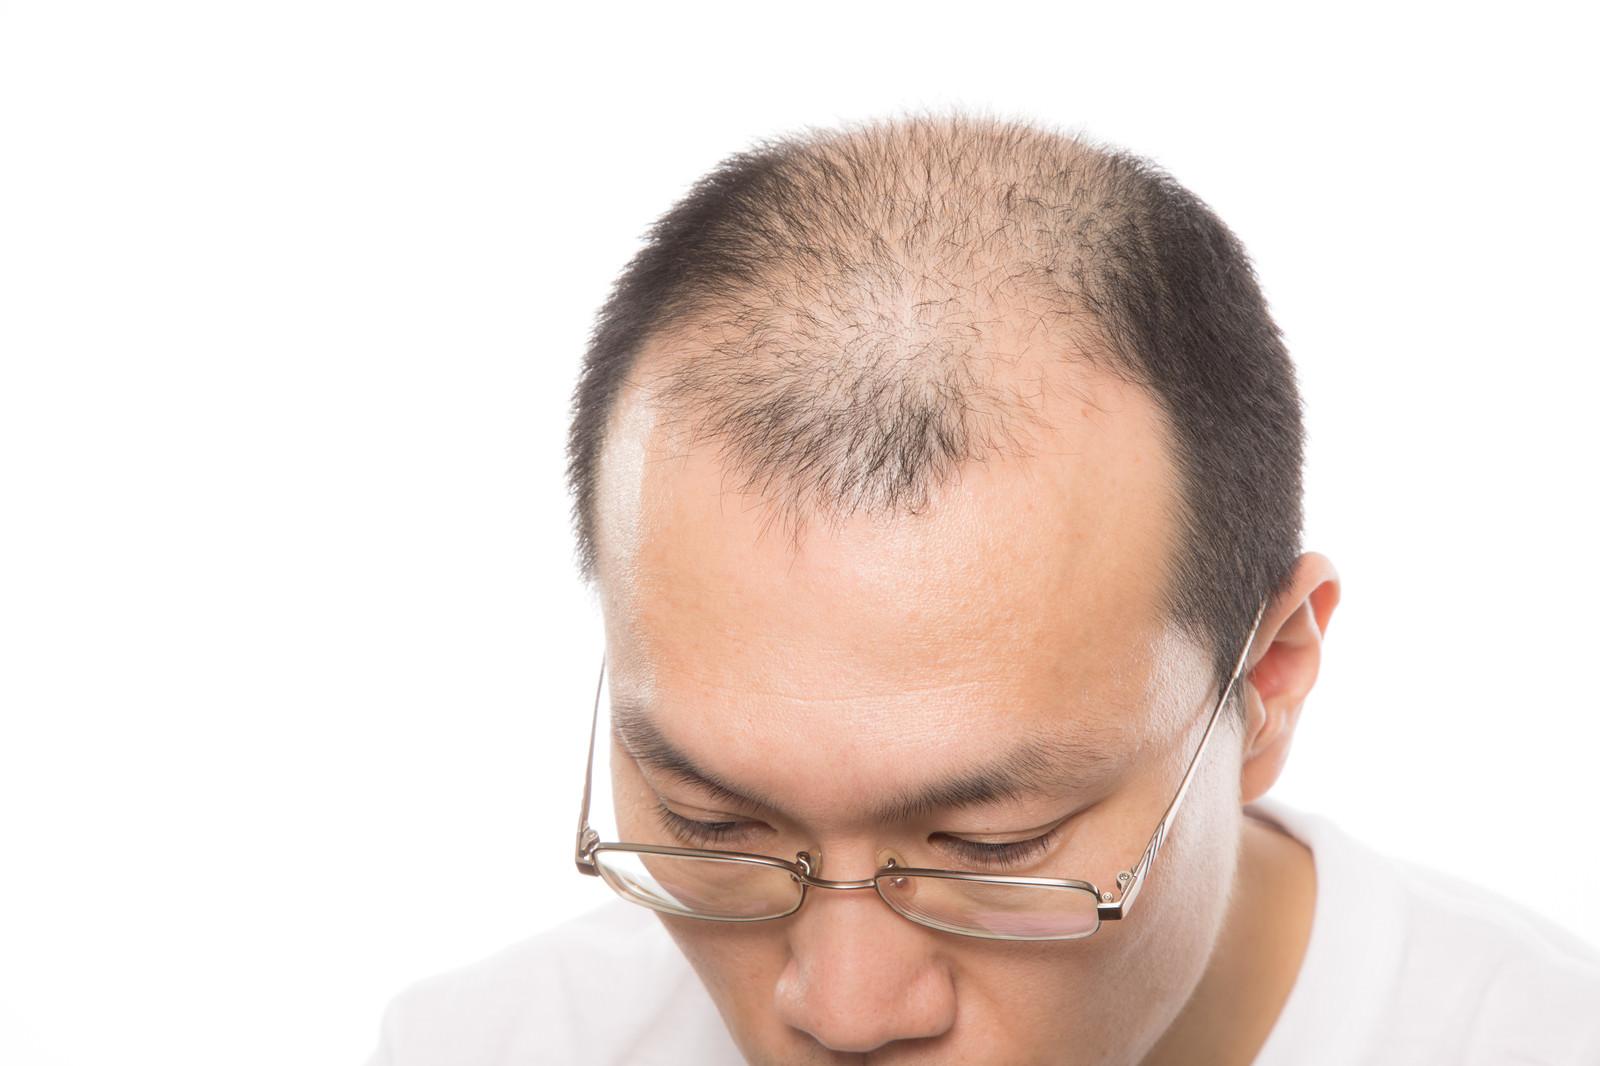 「AGA(男性型脱毛症)の男性」の写真[モデル:サンライズ鈴木]